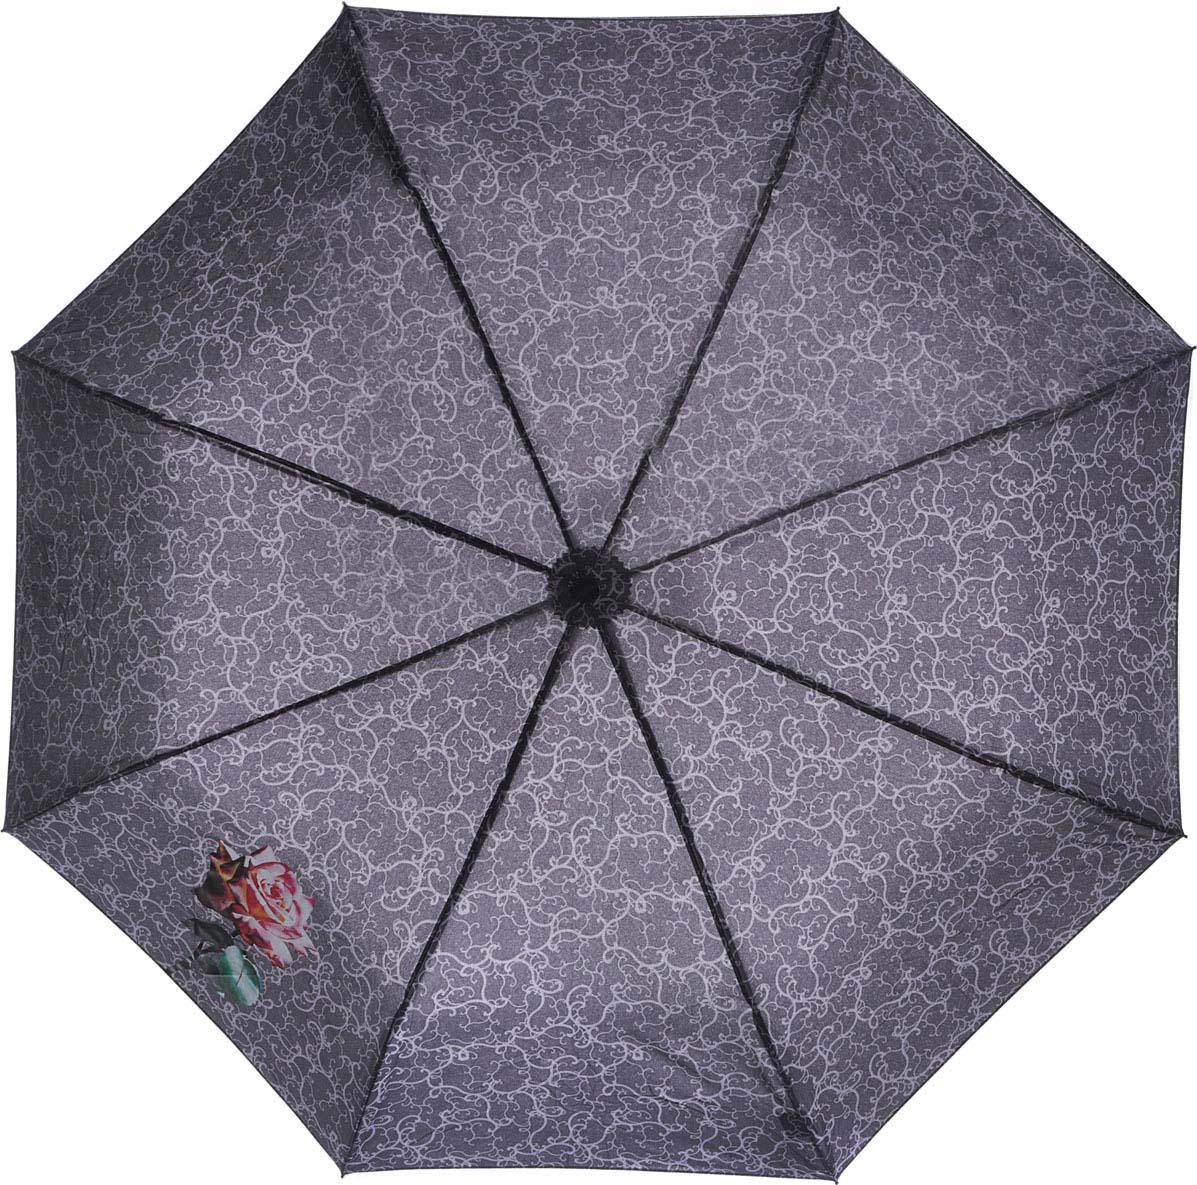 Зонт женский Airton, механический, 3 сложения, цвет: фиолетовый, розовый. 3511-179 зонт airton 3515 женский механический